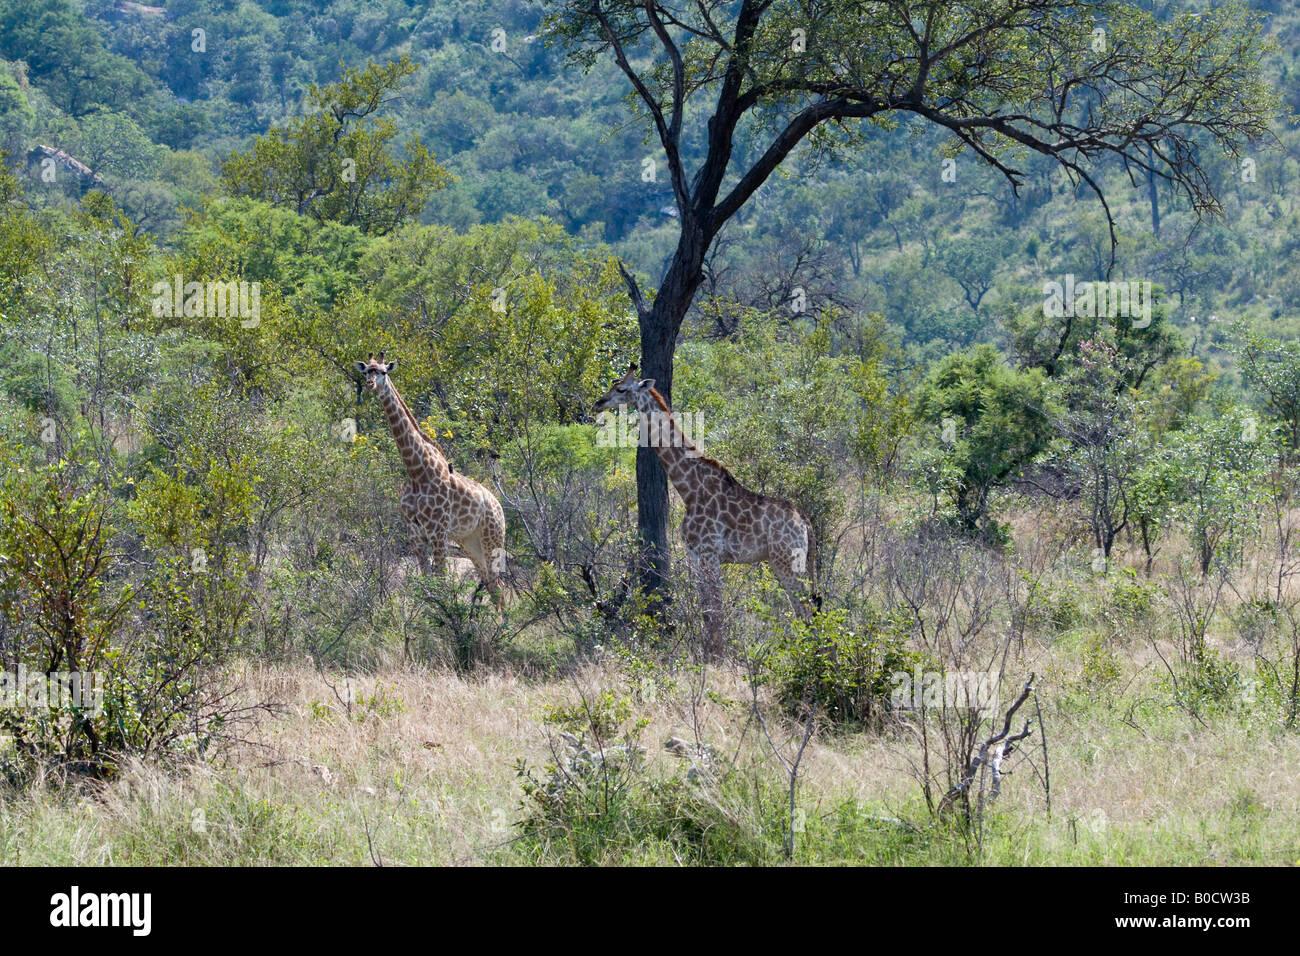 Giraffes in Mopane Bushveld, Kruger NP - Stock Image